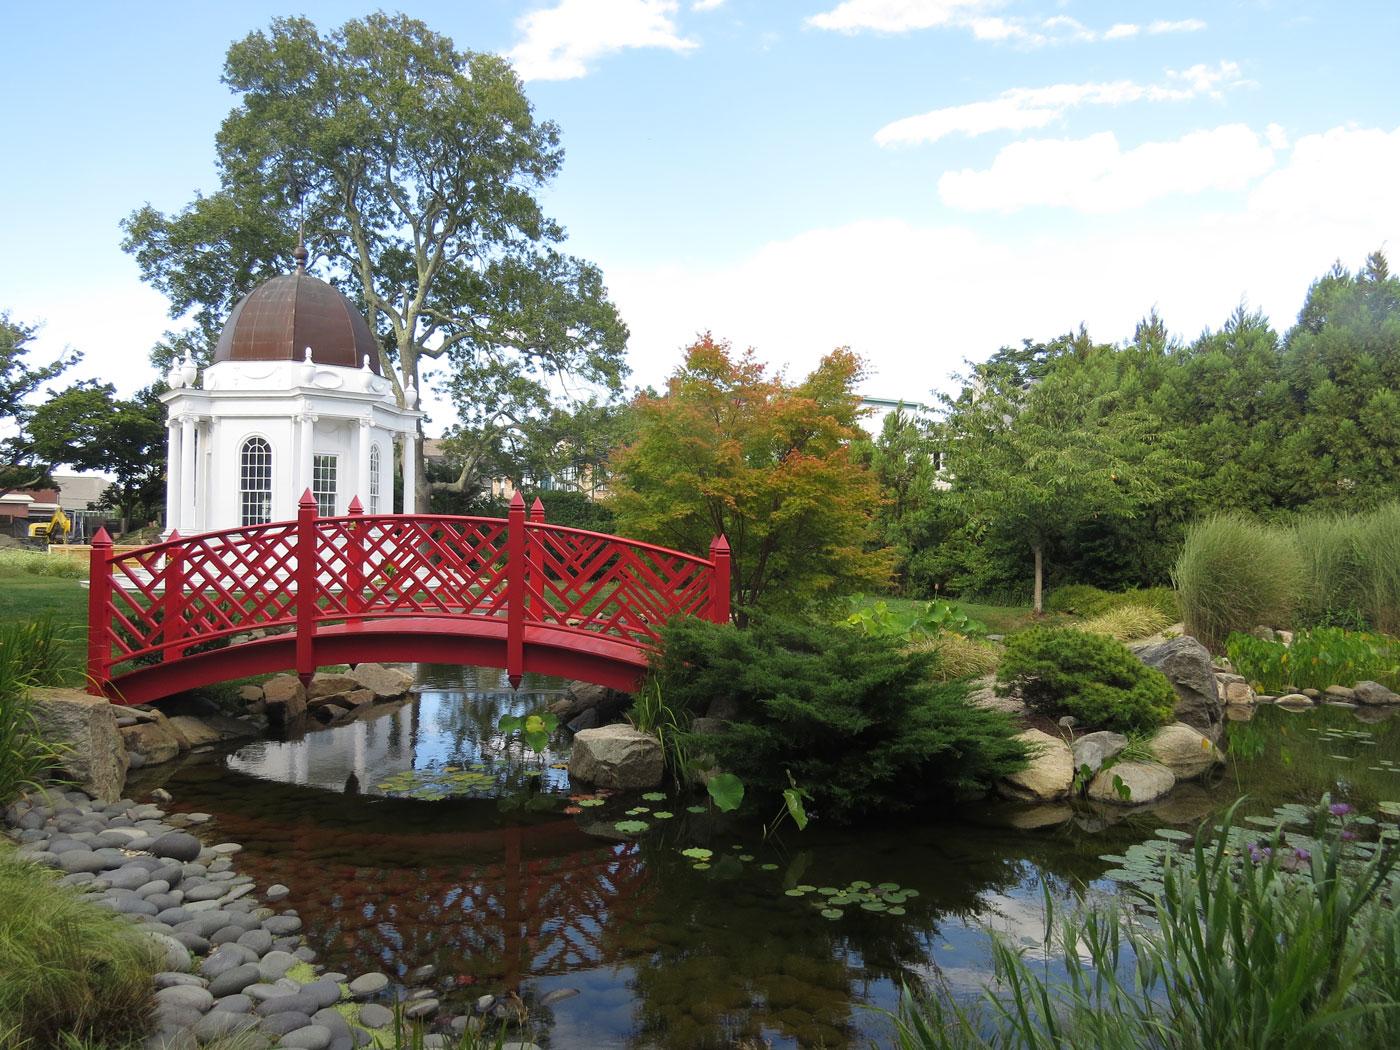 Newport Secret Garden Tour, September 6-8